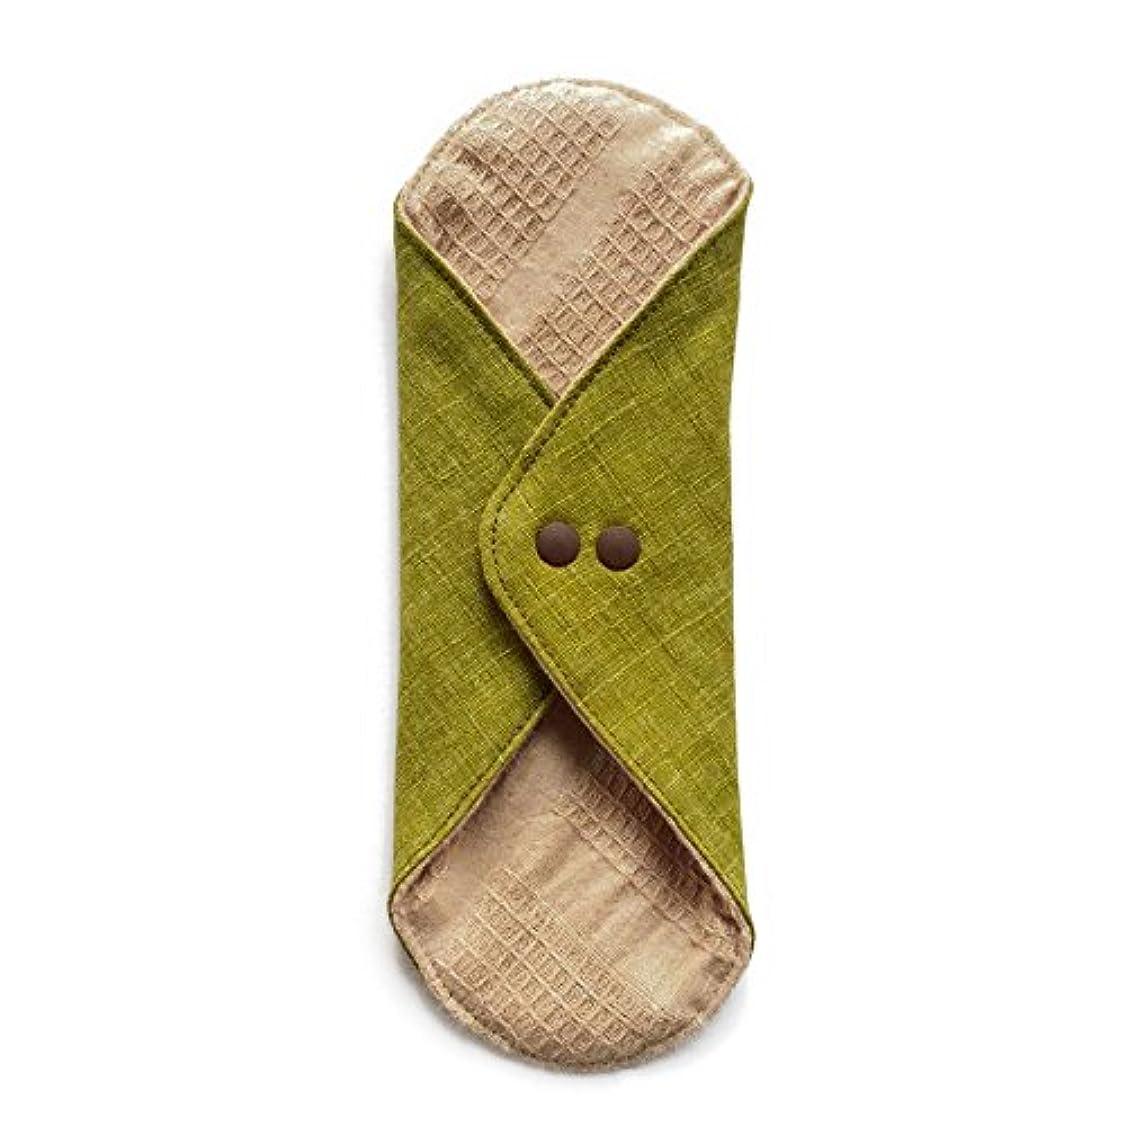 華布のオーガニックコットンのあたため布 Lサイズ (約18×約20.5×約0.5cm) 彩り(抹茶)